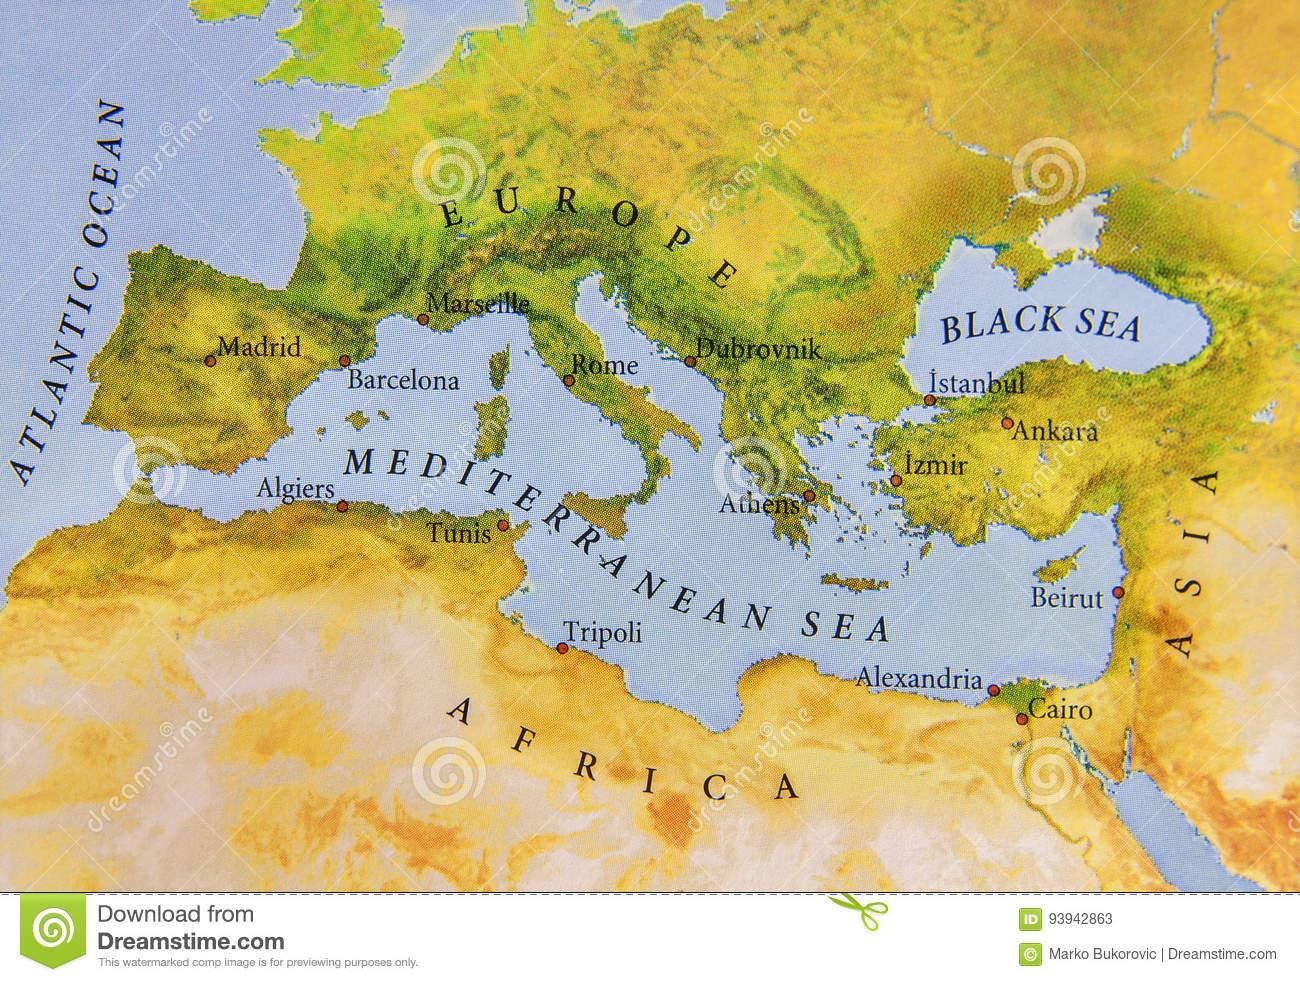 Carte Géographique De Vue De Fin De L'europe Image Stock concernant Carte Géographique Europe